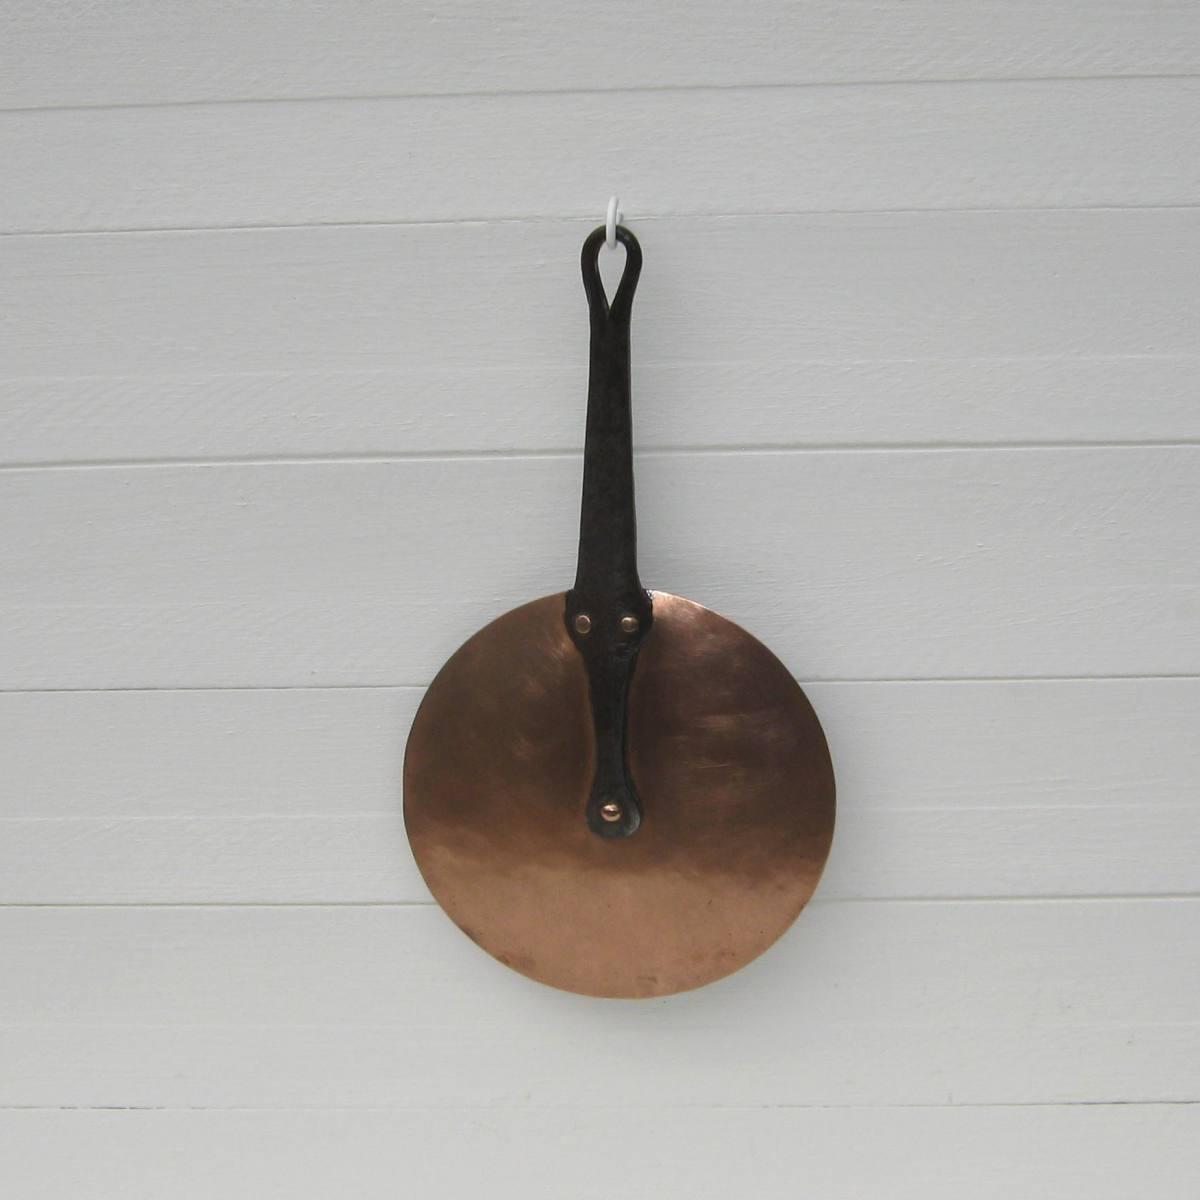 Ancien couvercle cuivre et fer forge diametre 18 5cm resto